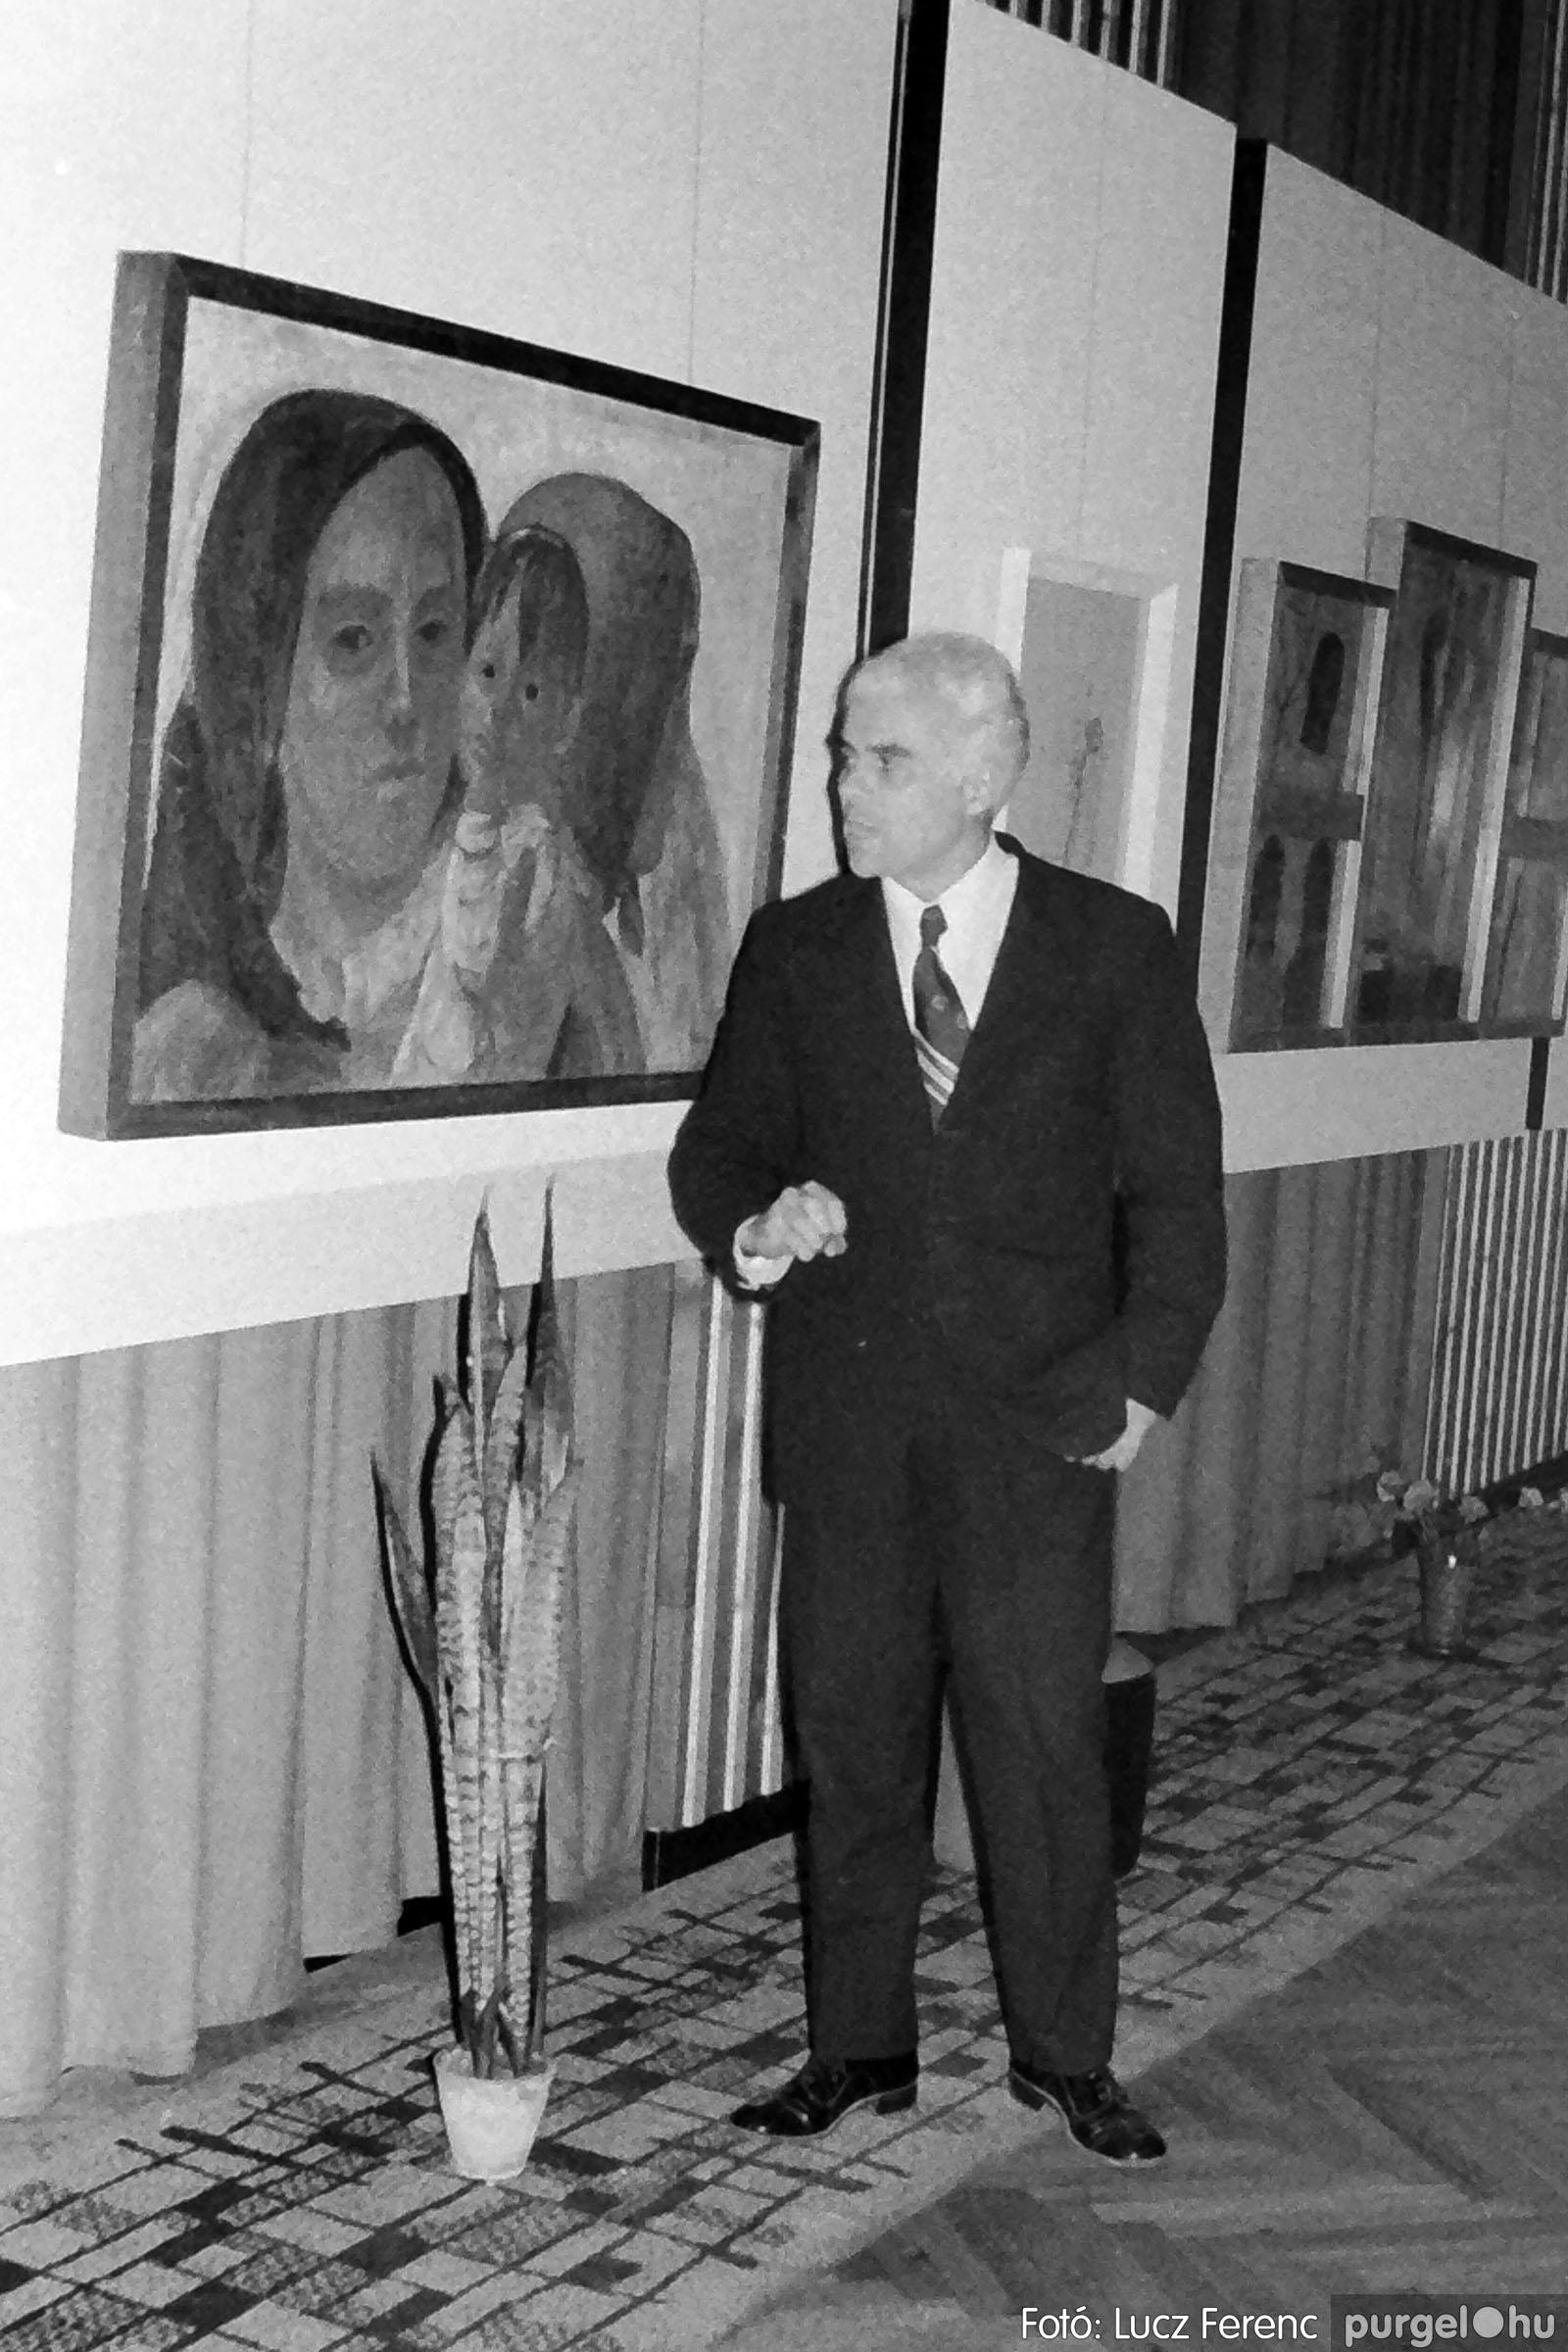 024 1975.10. Németh József és Szalay Ferenc festőművészek kiállítása 020 - Fotó: Lucz Ferenc IMG00221q.jpg